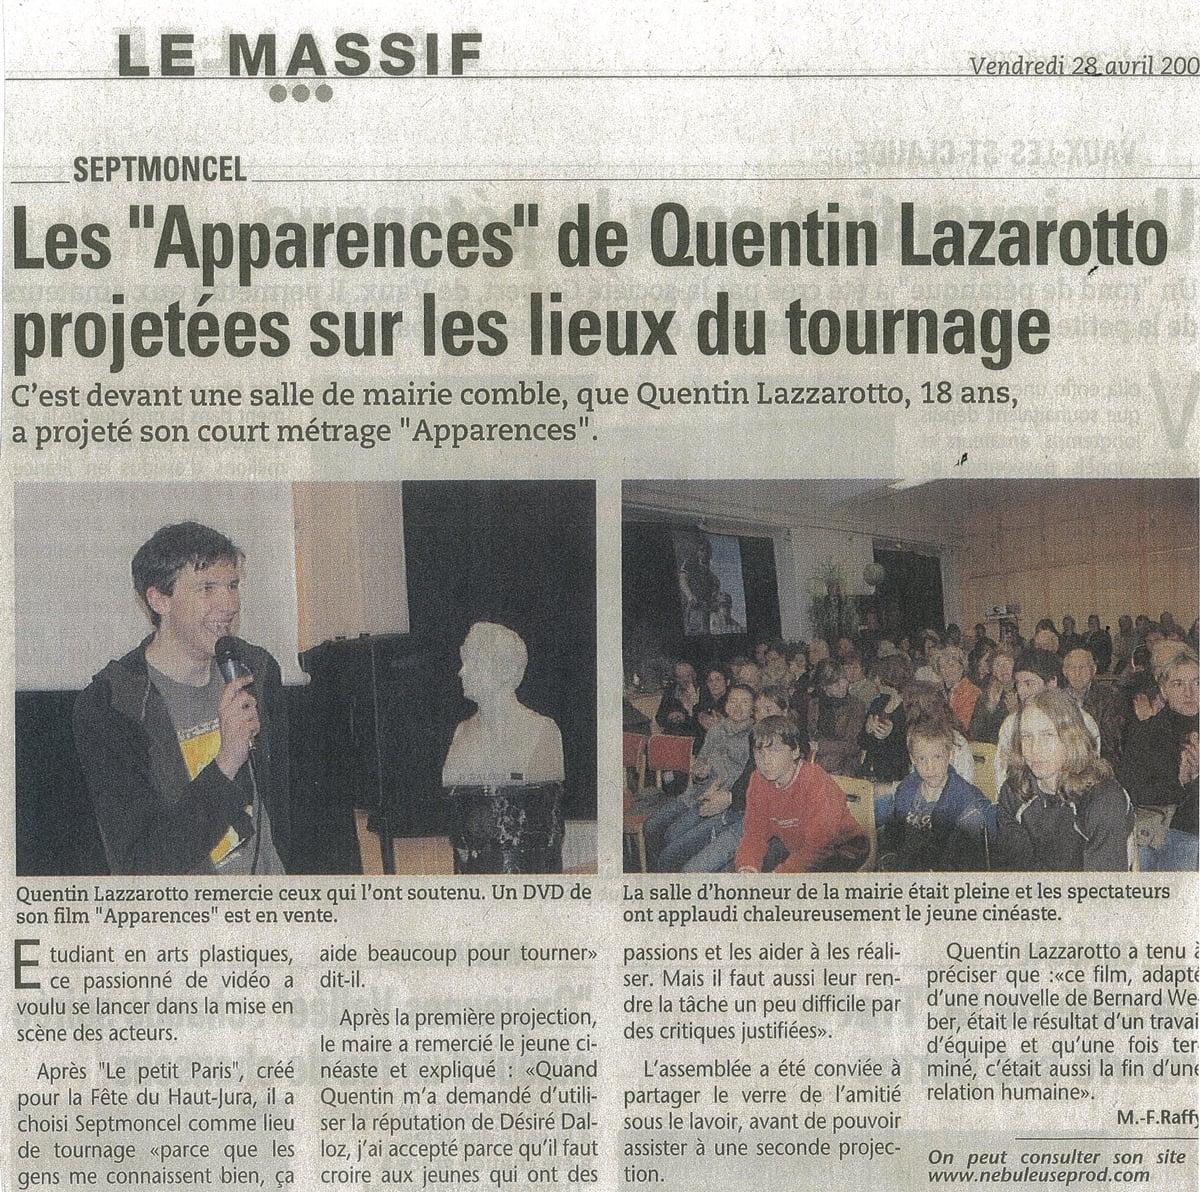 Les Apparences de Quentin Lazzarotto projetées sur les lieux du tournage